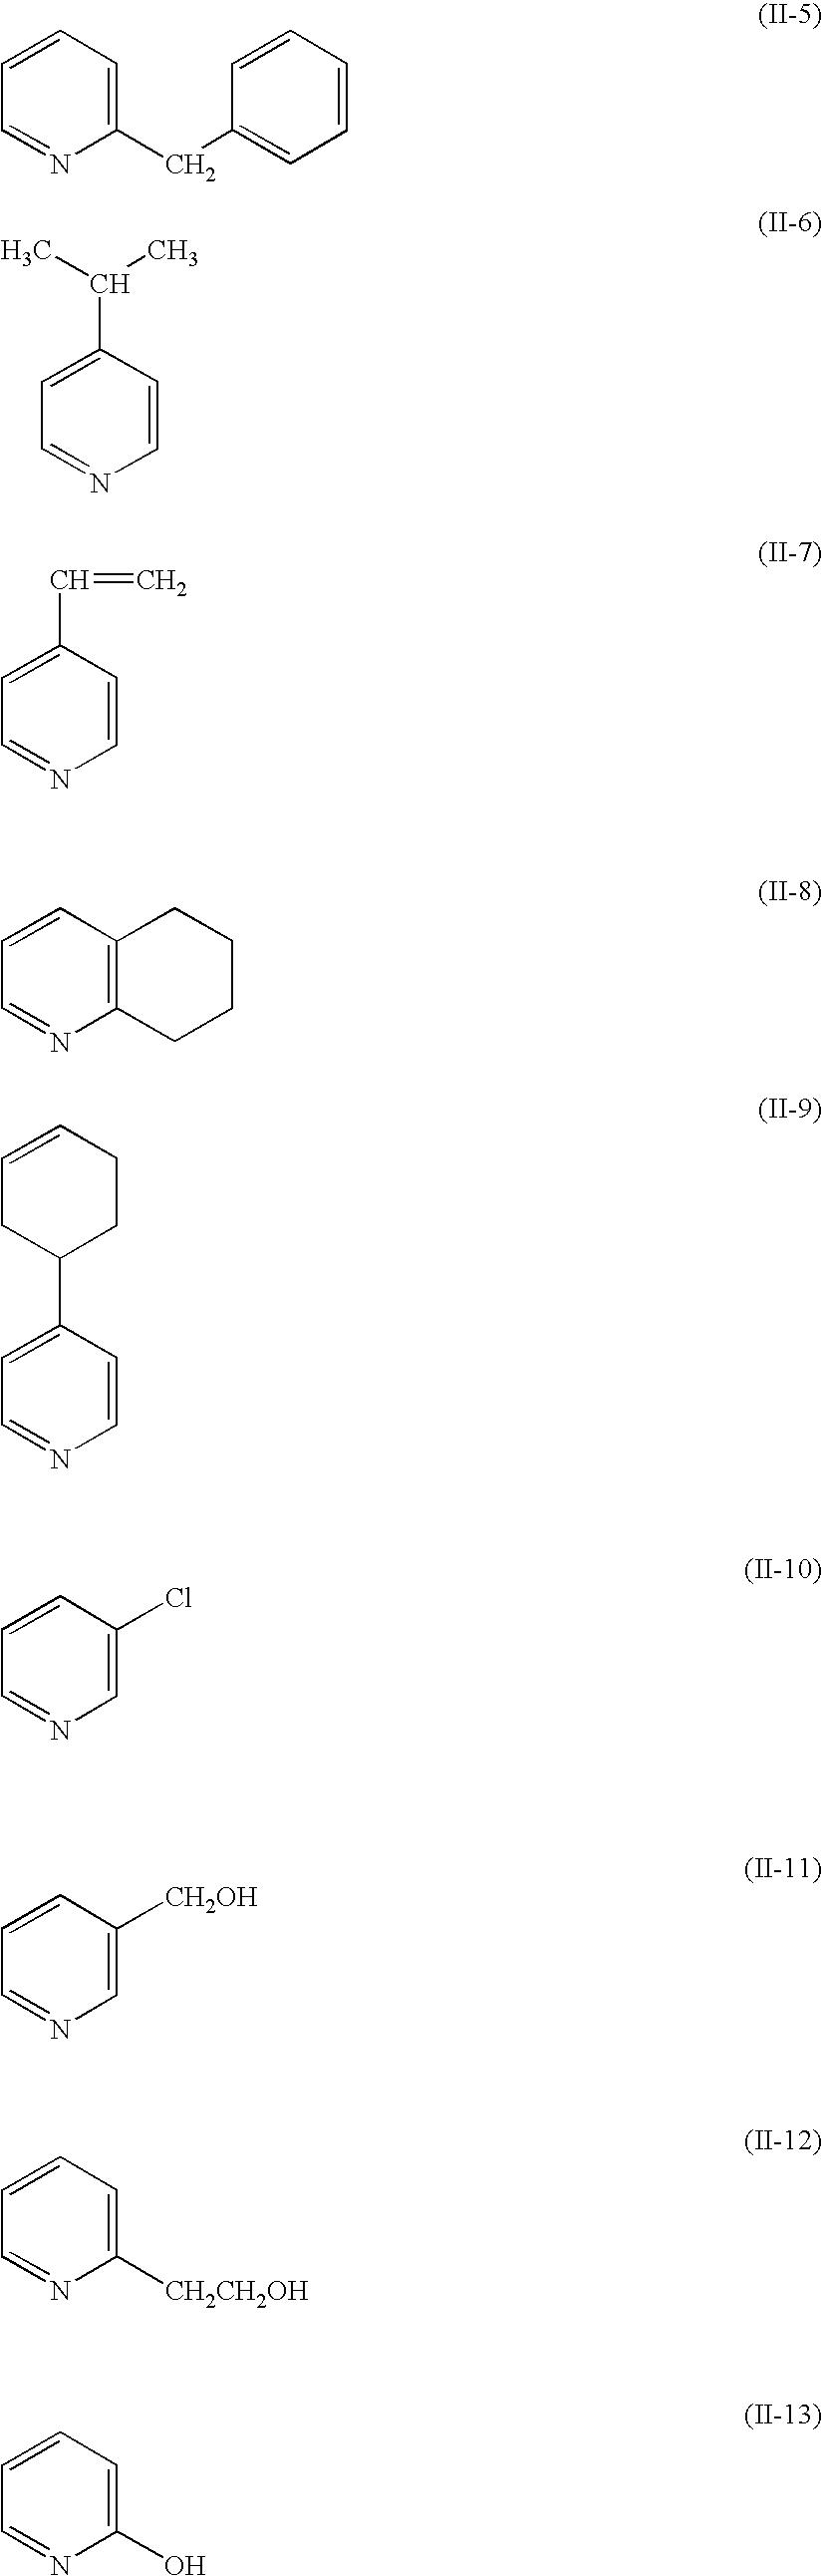 Figure US20060204732A1-20060914-C00010